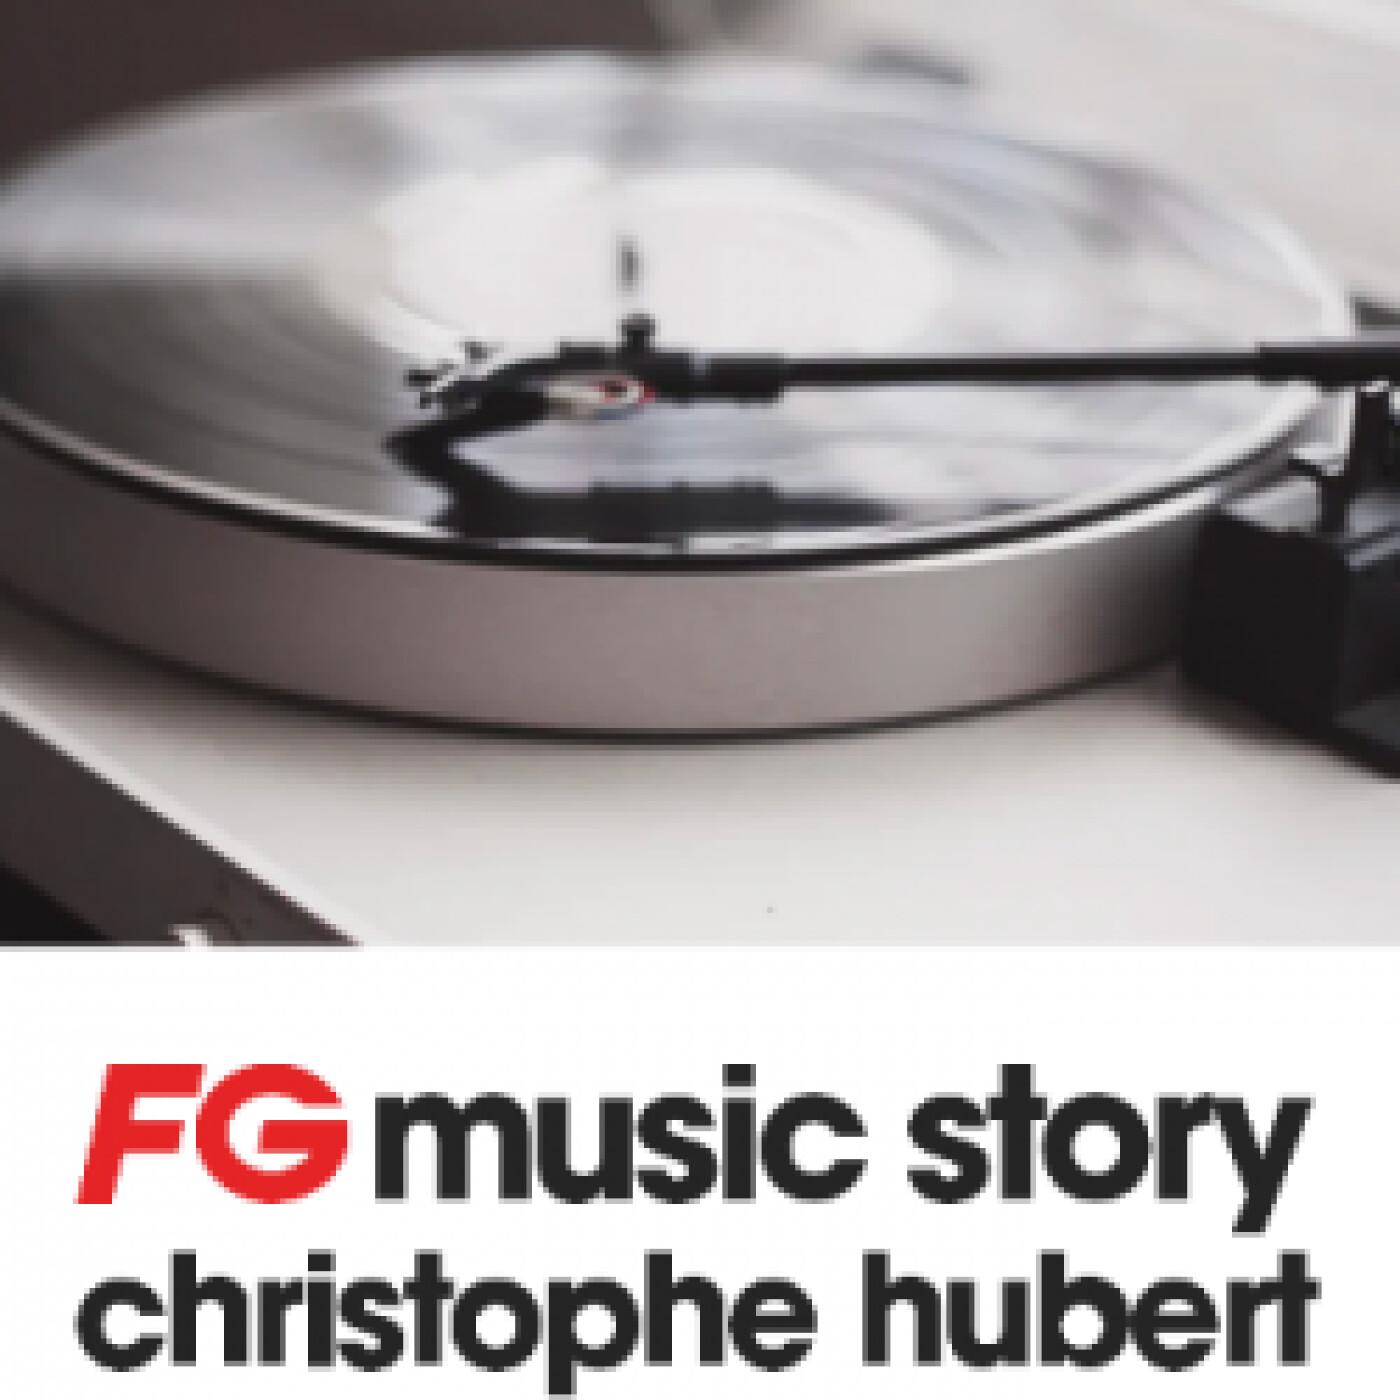 FG MUSIC STORY : ULTRA NATE